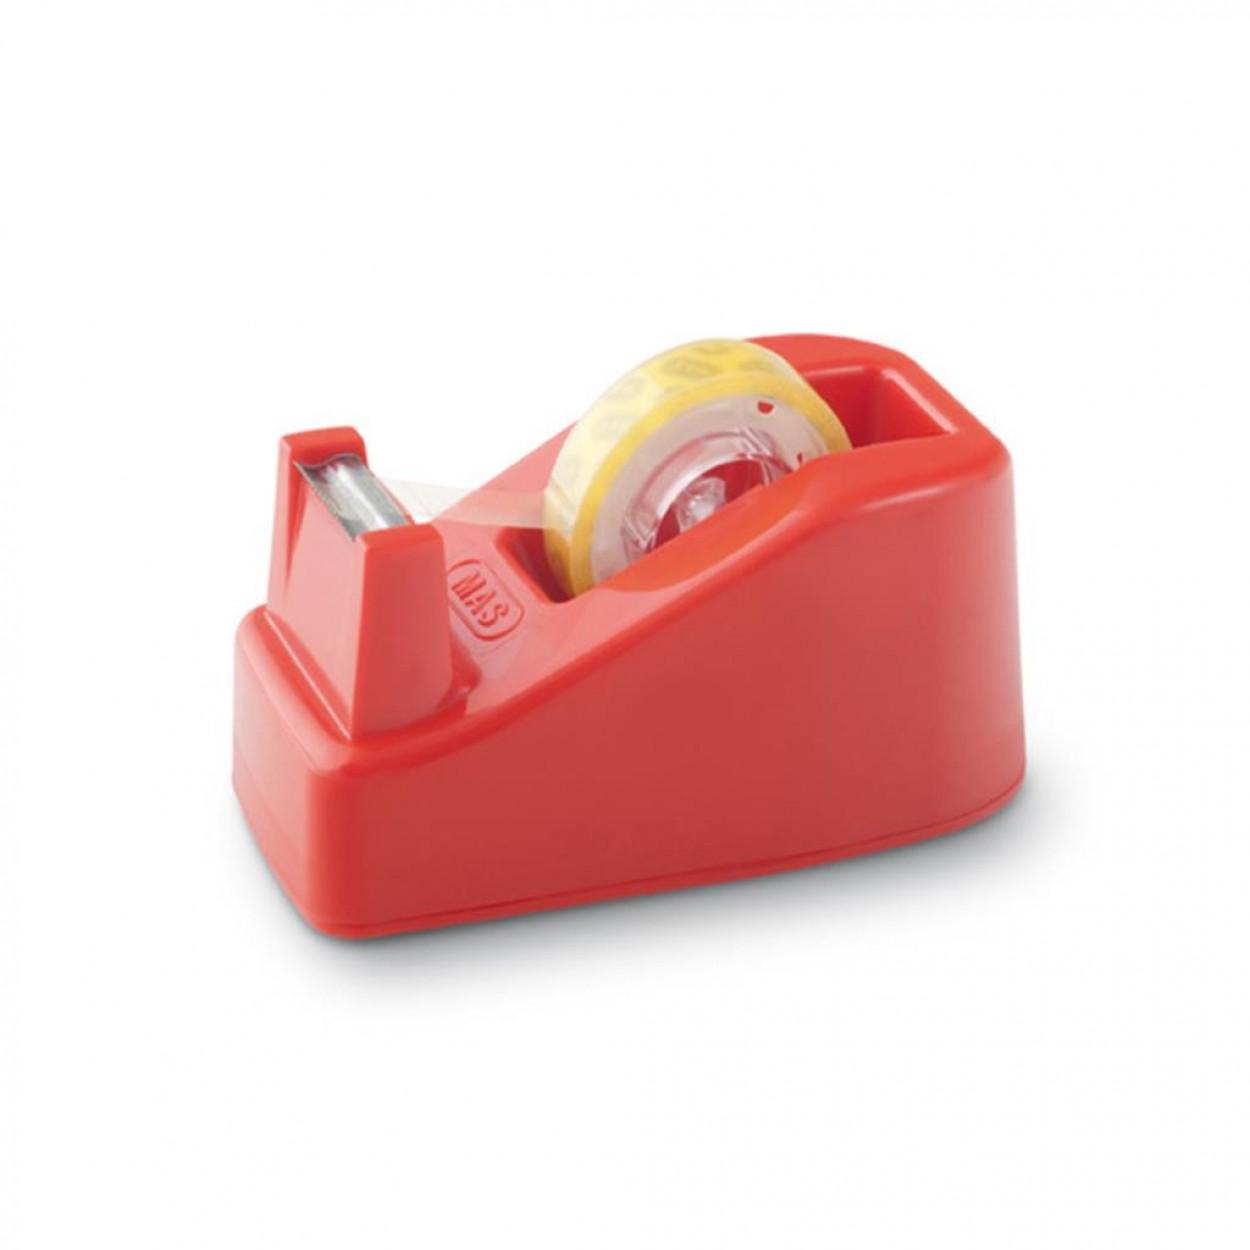 Mas 640 Fiesta Bant Kesici 12x20 Kırmızı